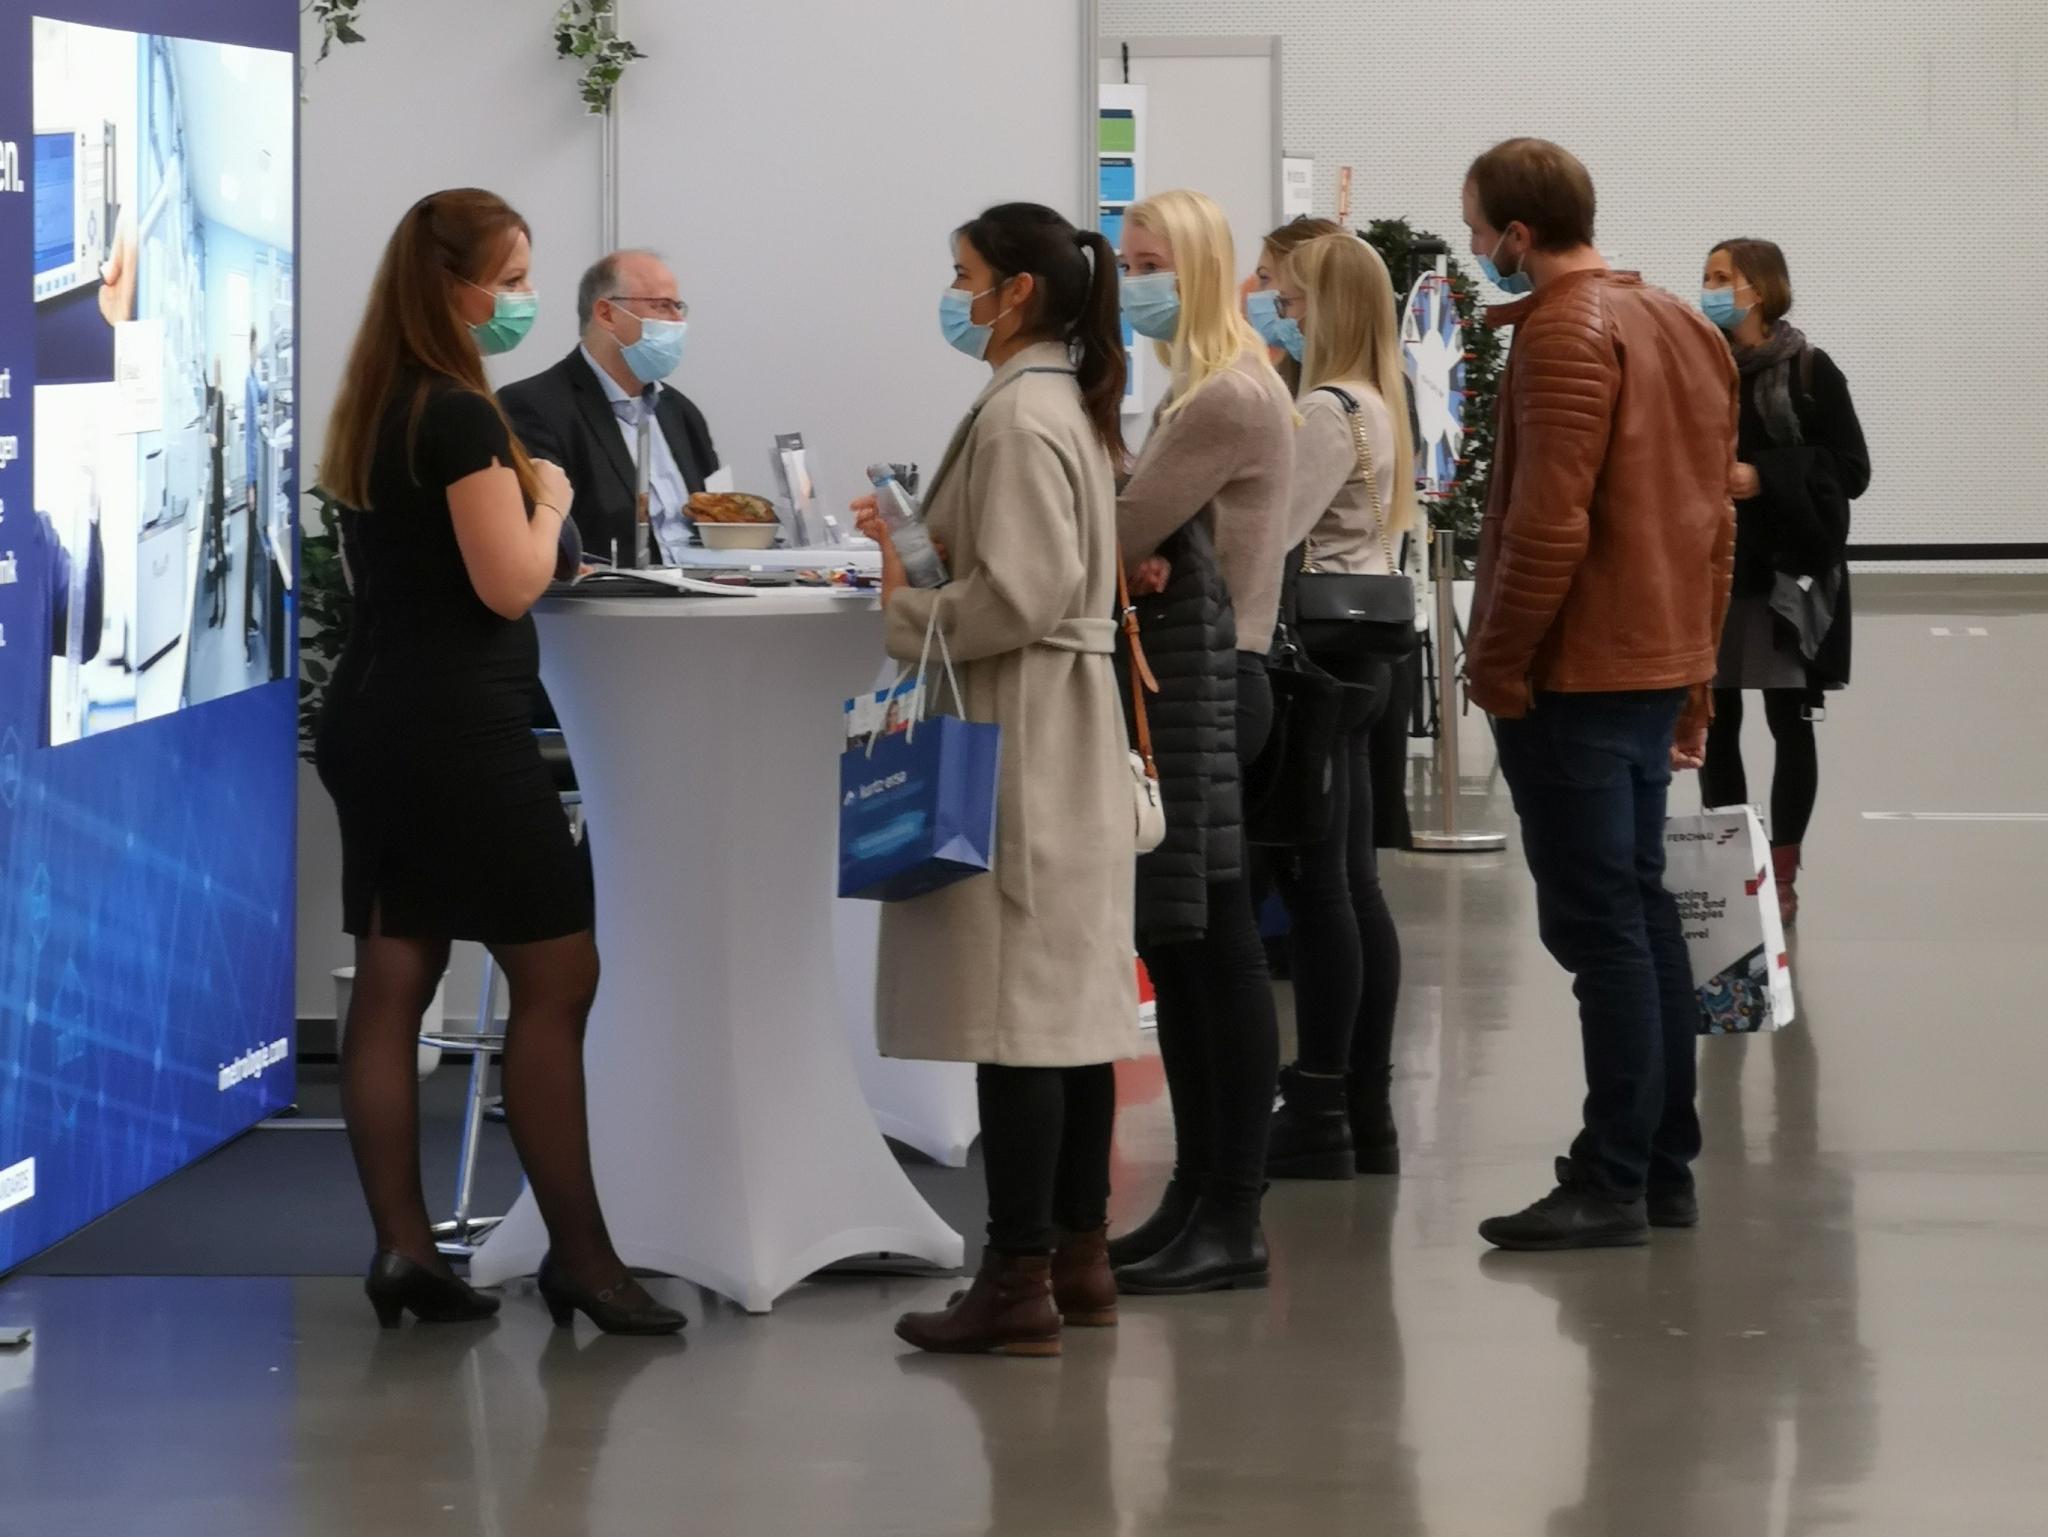 """Die direkte Ansprache zwischen Interessierten und Arbeitgebern der Region macht die Job- und Karrieremesse """"meineZukunft! Mainfranken"""" aus. Foto: Mattfeldt & Sänger Marketing und Messe AG"""